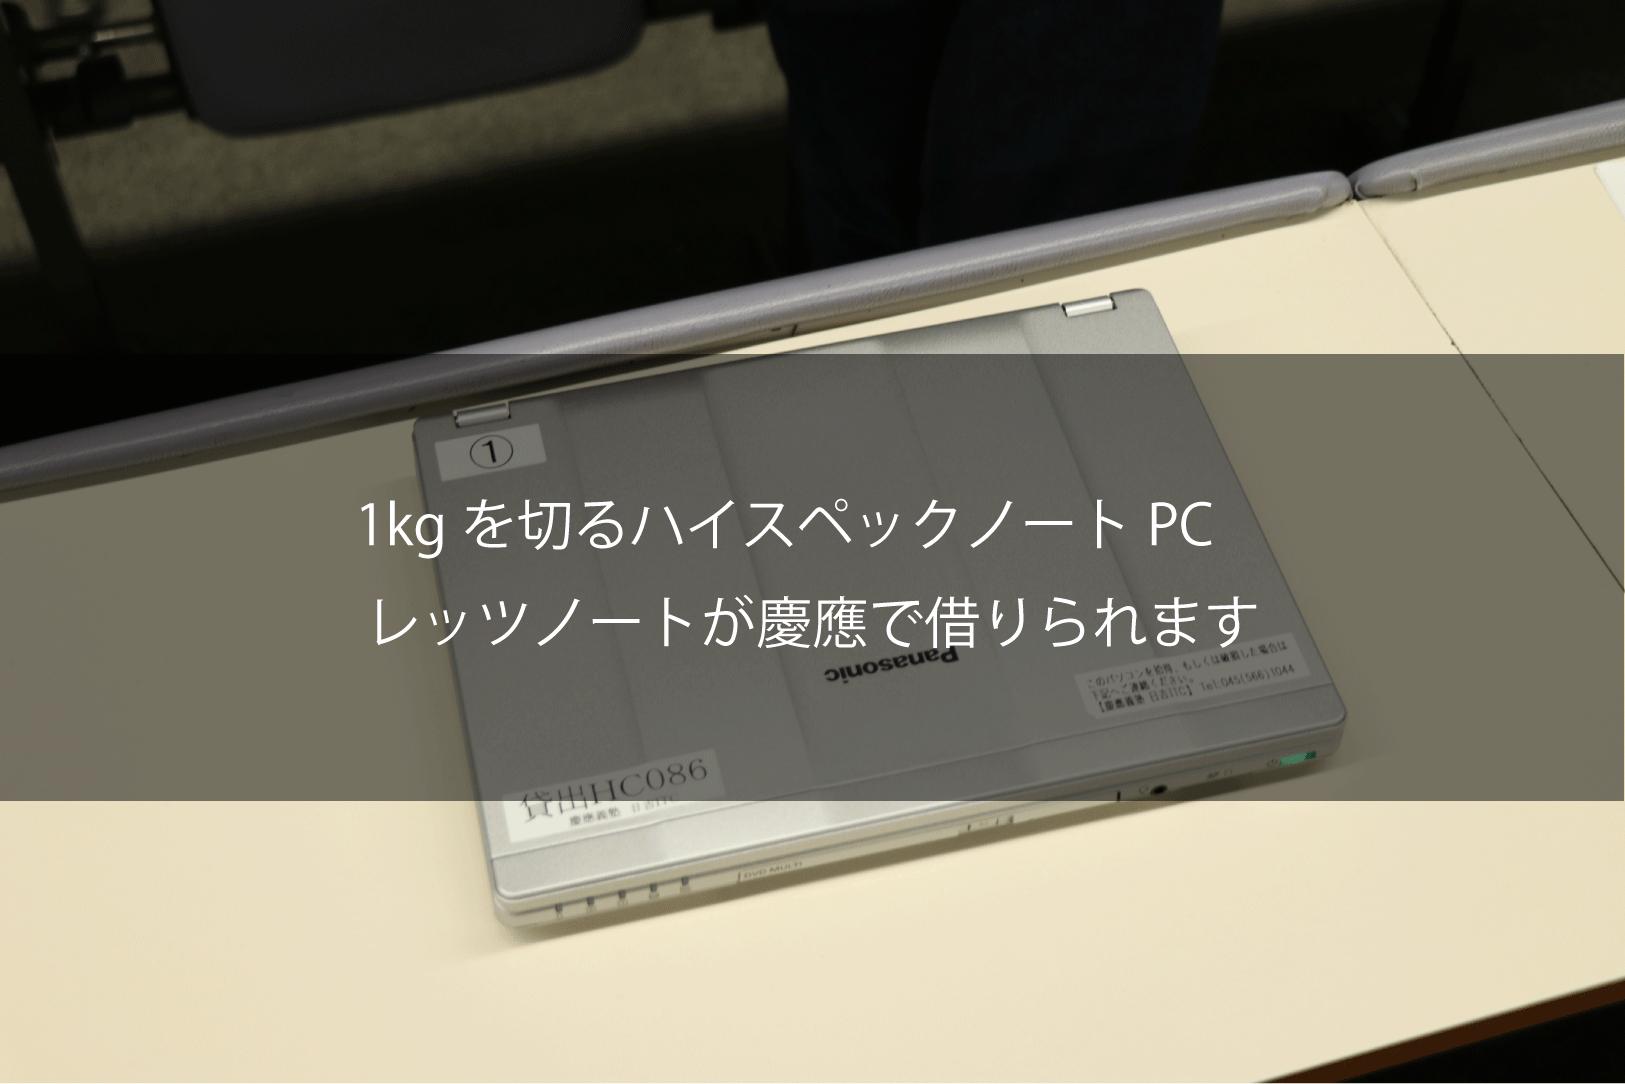 慶應であのLet's note(PC)を借りられるって知ってた?